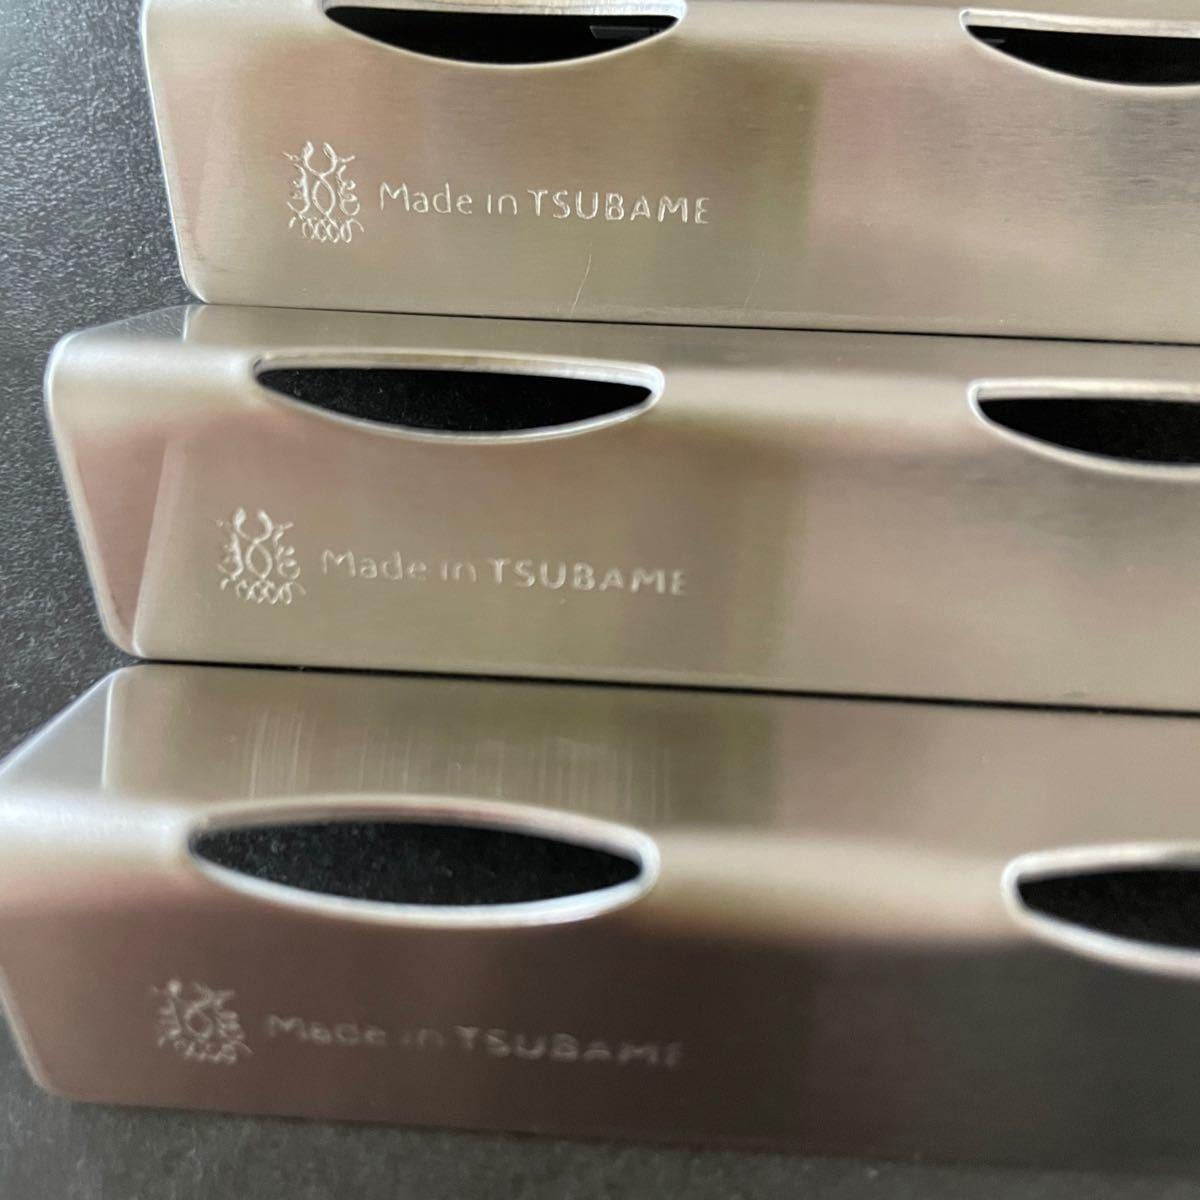 ツバメカトラリー カトラリーレスト 4個セット 新品未使用 made in tsubame 燕